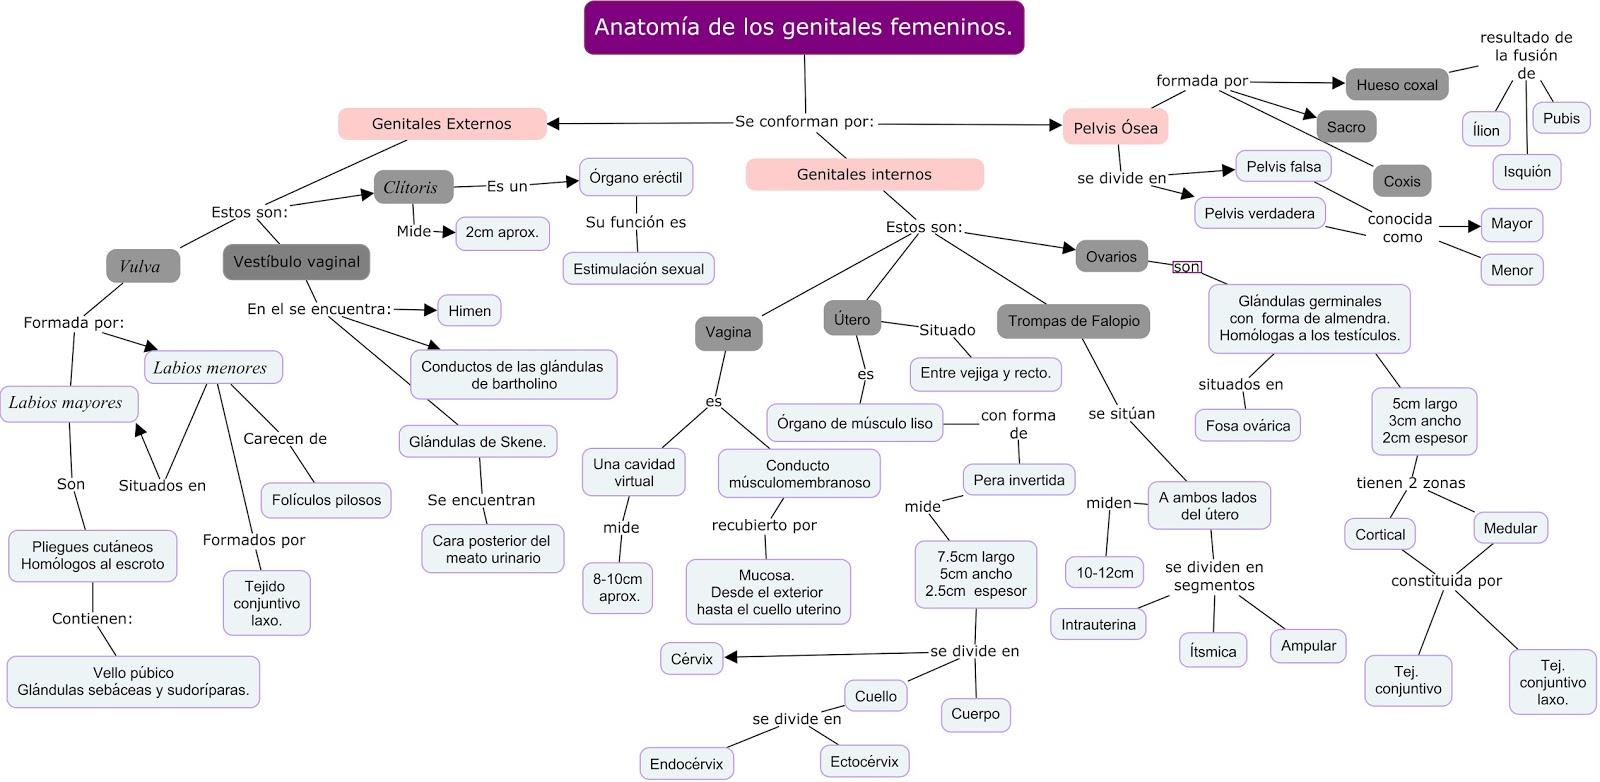 Ginecología y Obstetricia 2016 por Carmen Elena Chavez G. : Anatomía ...